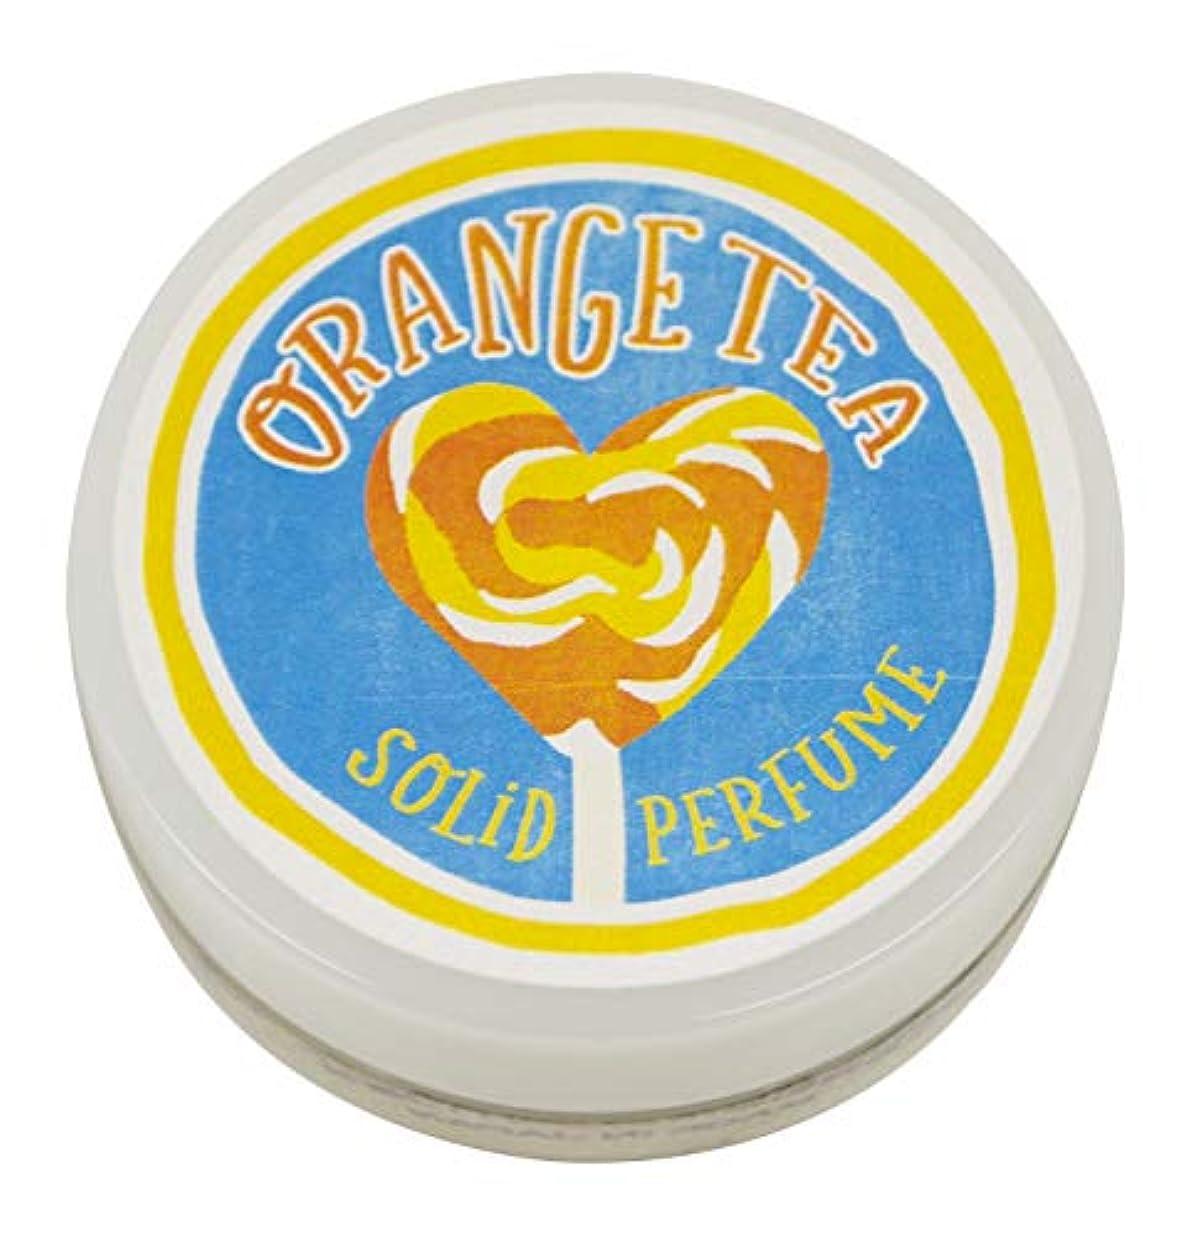 粘性の踊り子帝国コトラボ 練り香水 8g オレンジティー